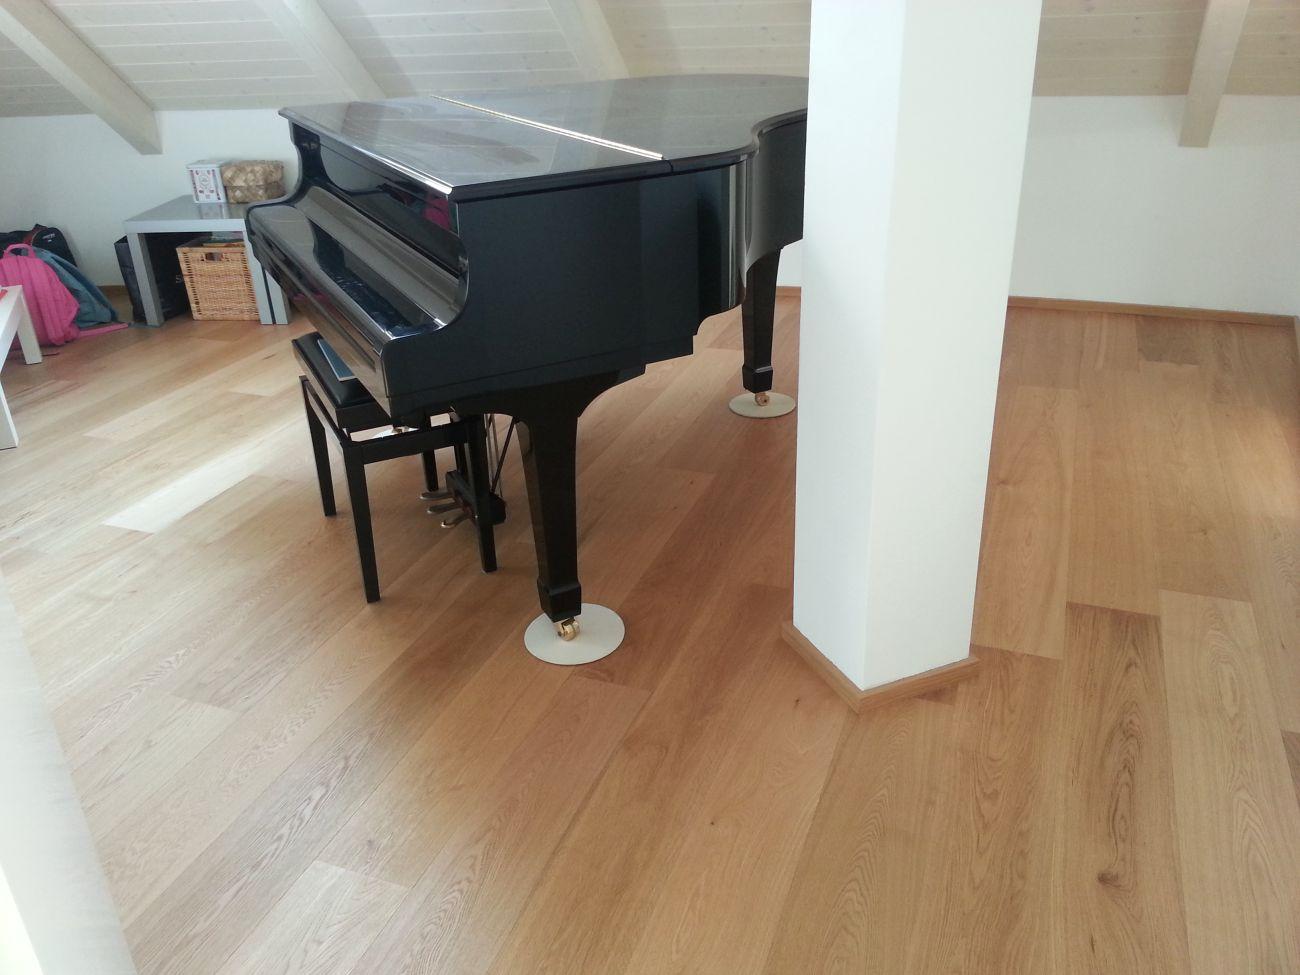 Prodotti per la pulizia del parquet  Soriano pavimenti in legno